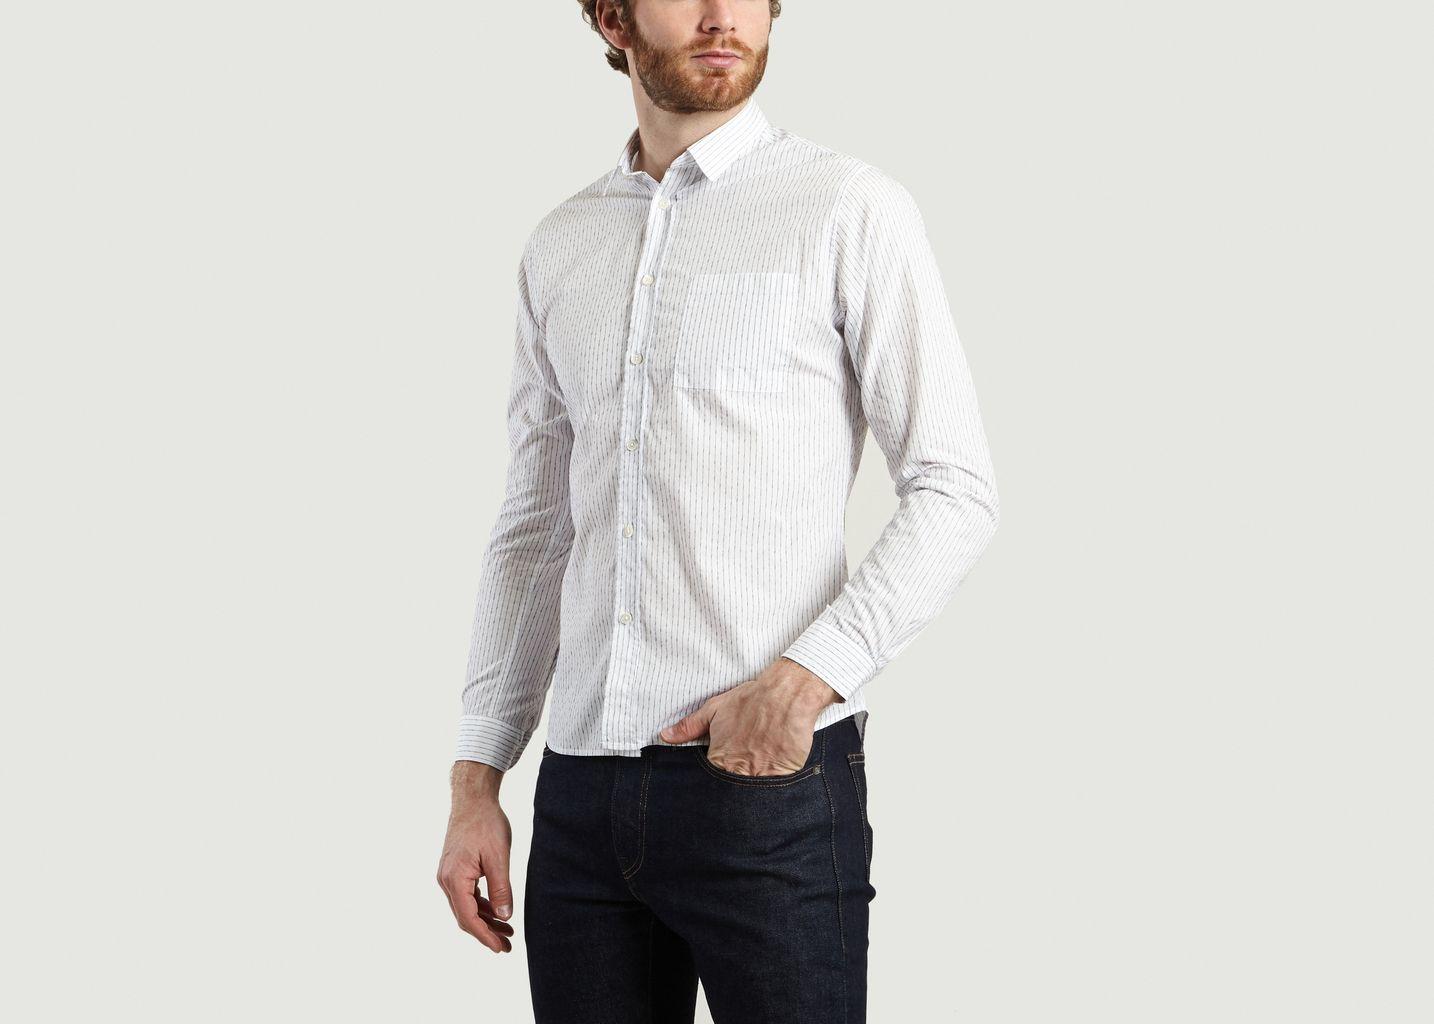 Rossel Shirt - Commune de Paris